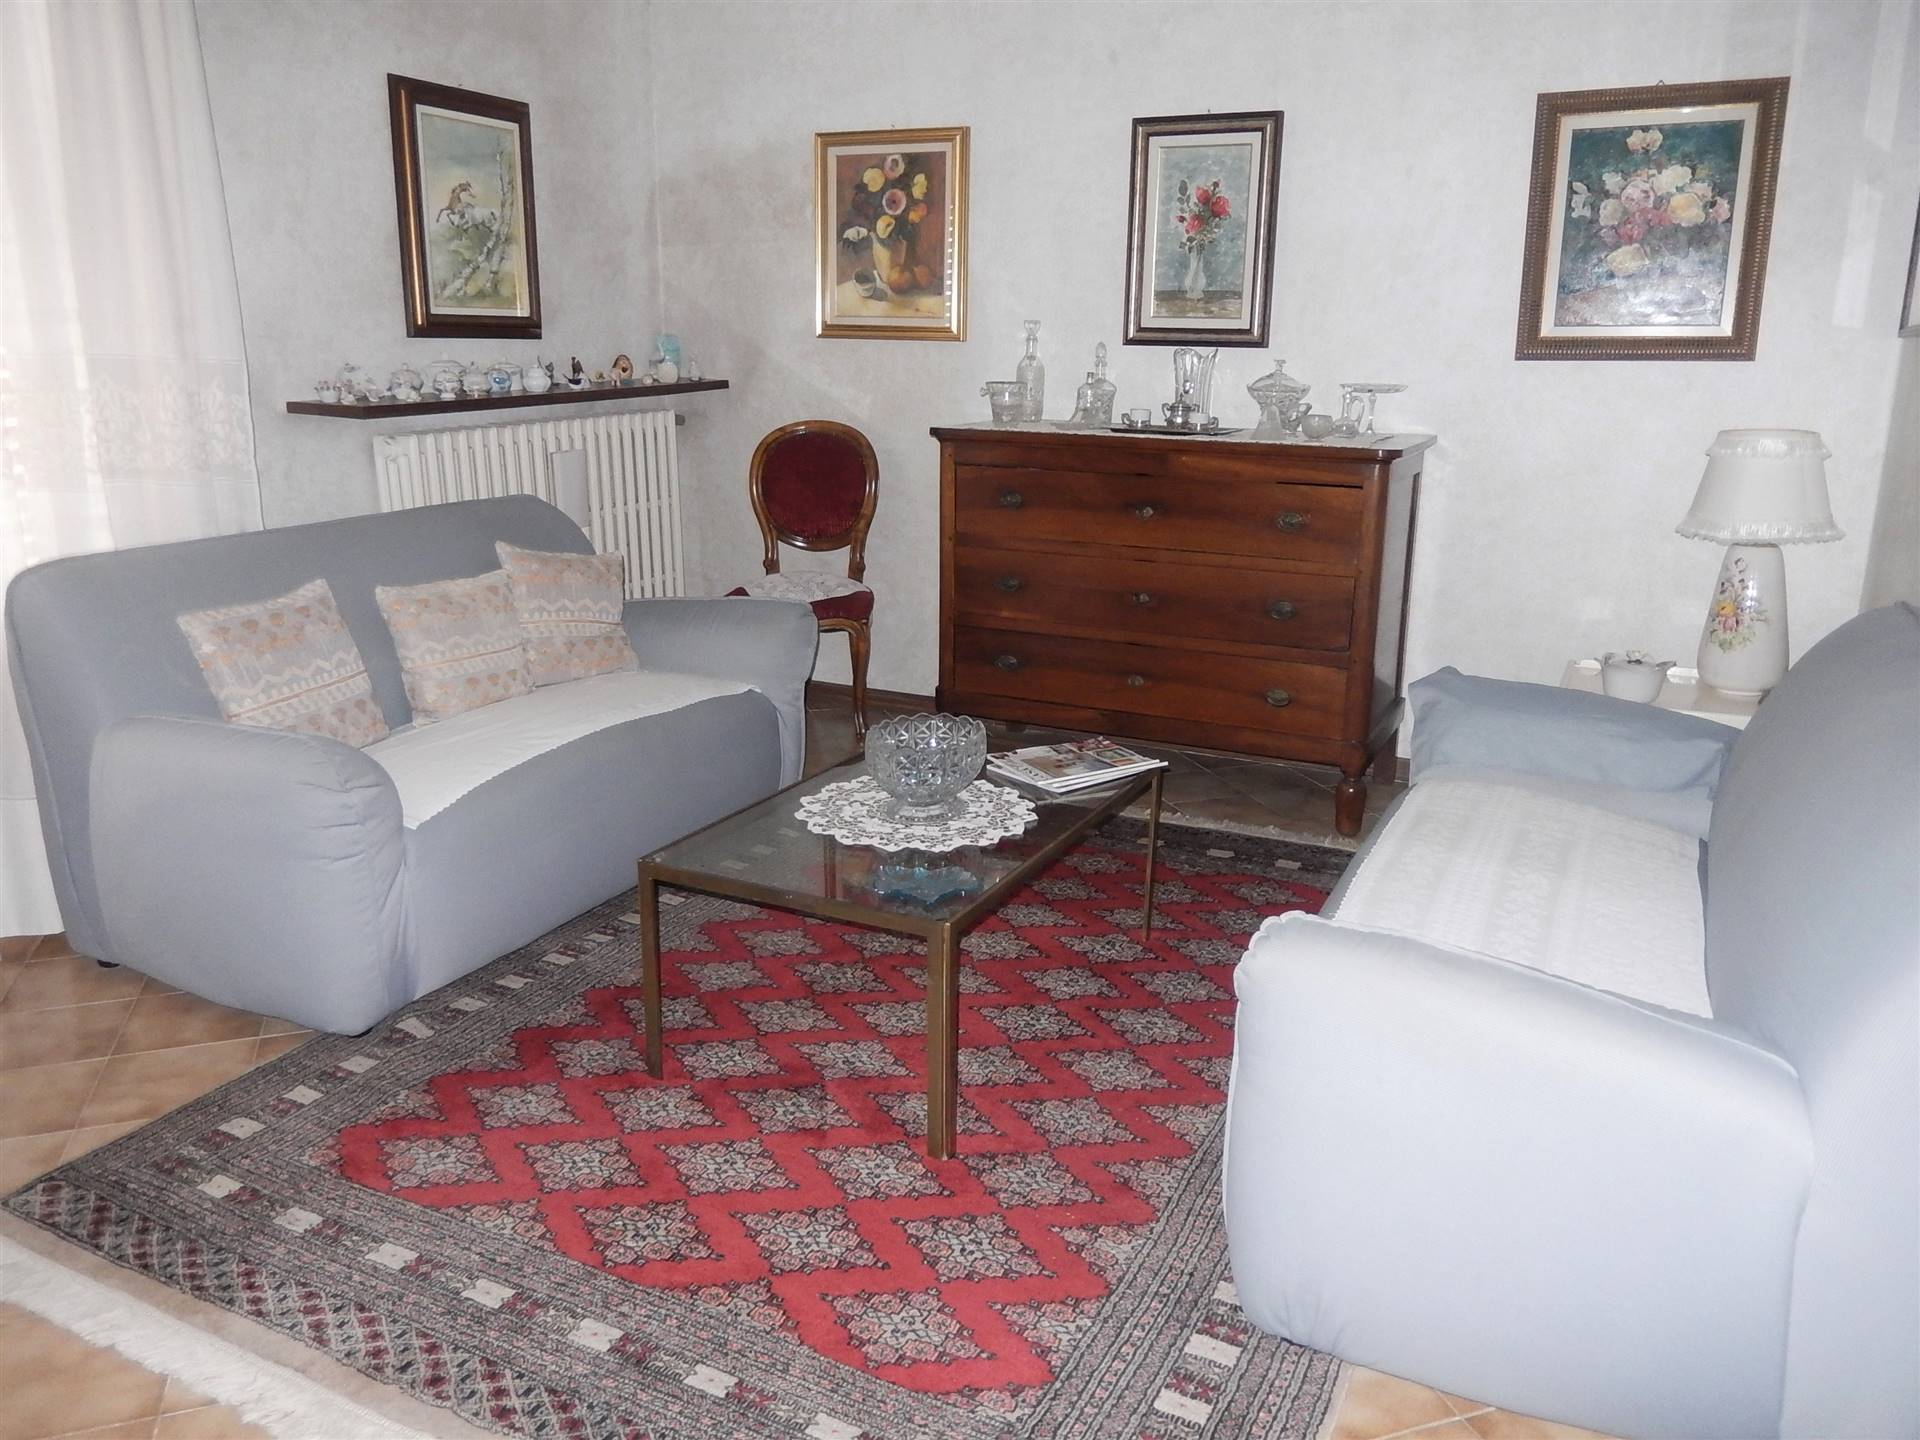 Appartamento in vendita a Curtatone, 3 locali, zona Località: BUSCOLDO, prezzo € 79.000 | CambioCasa.it